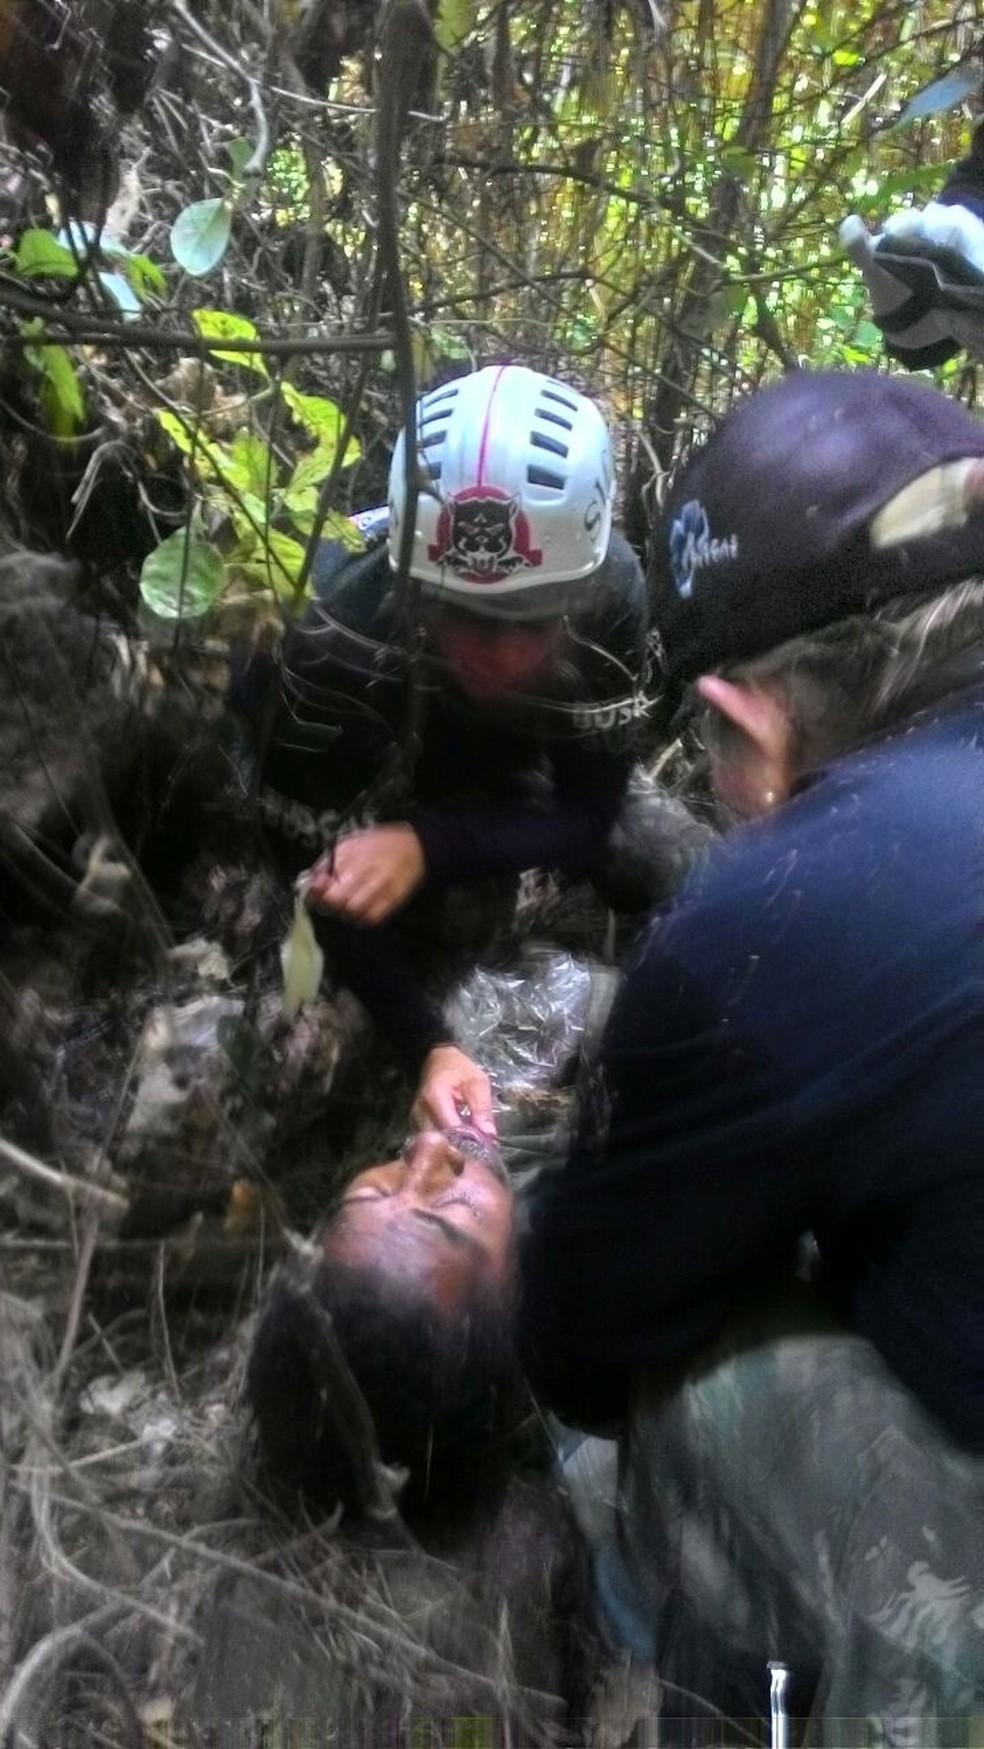 Grupo de voluntários fez o resgate do aposentado de 55 anos em Marília (Foto: Sicoe (Anjos da Guarda) / Divulgação)